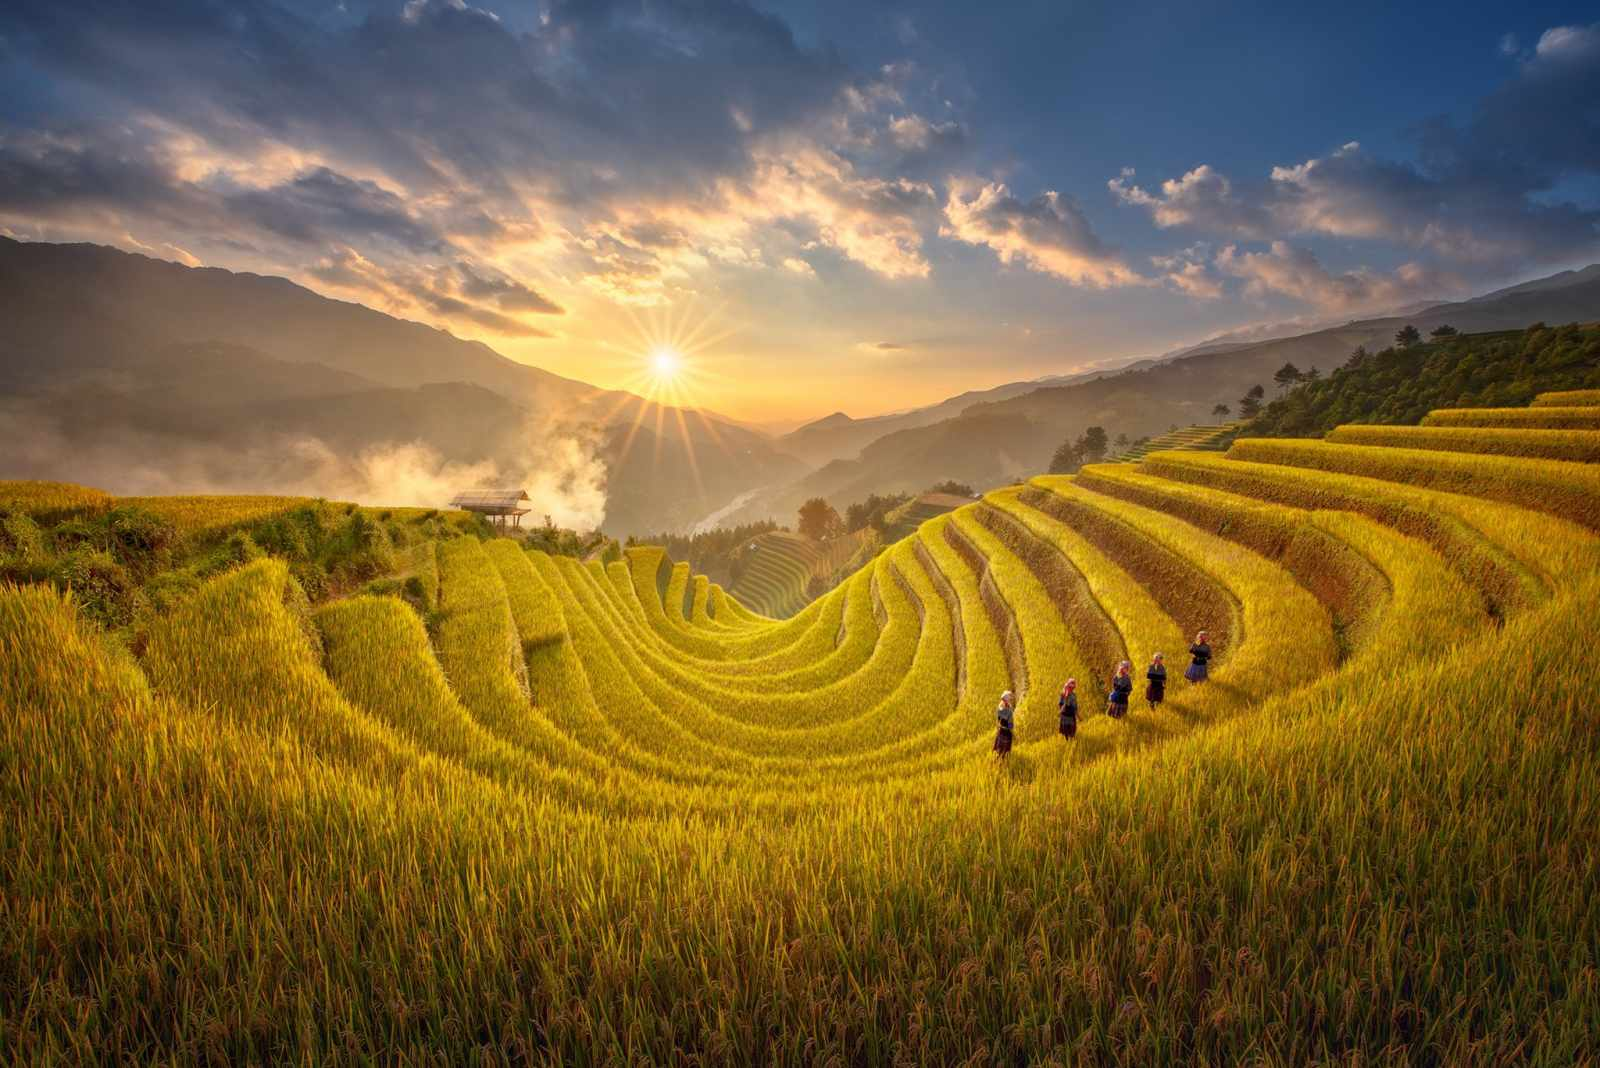 Tour Tây Bắc - Tây Bắc vàng rực một màu lúa chín